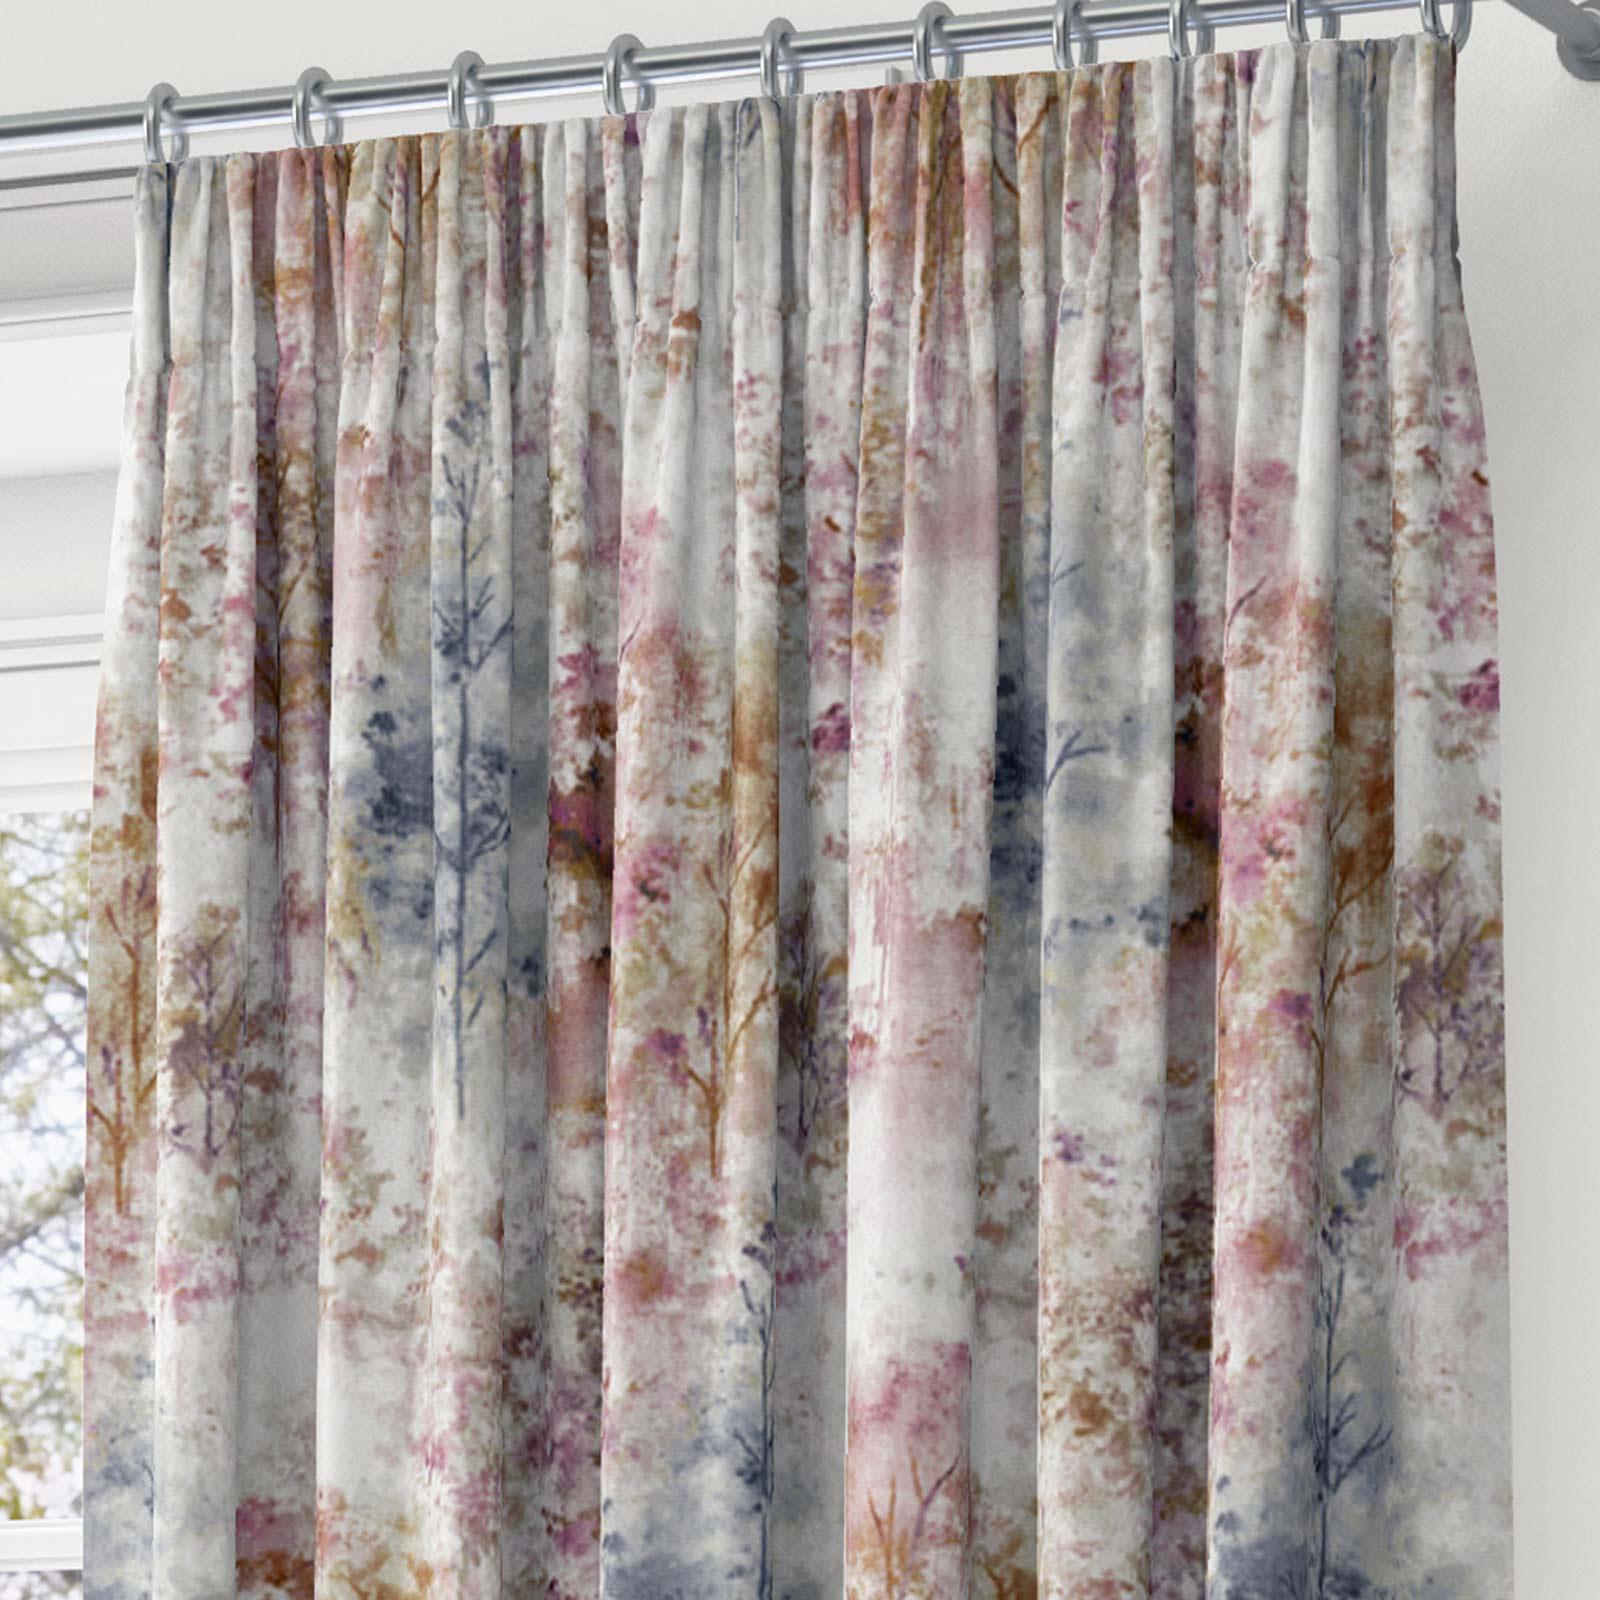 Woodland-Cinta-superior-Cortinas-de-arboles-de-impresion-Ready-Made-3-034-pares-de-cortina-plisado miniatura 4